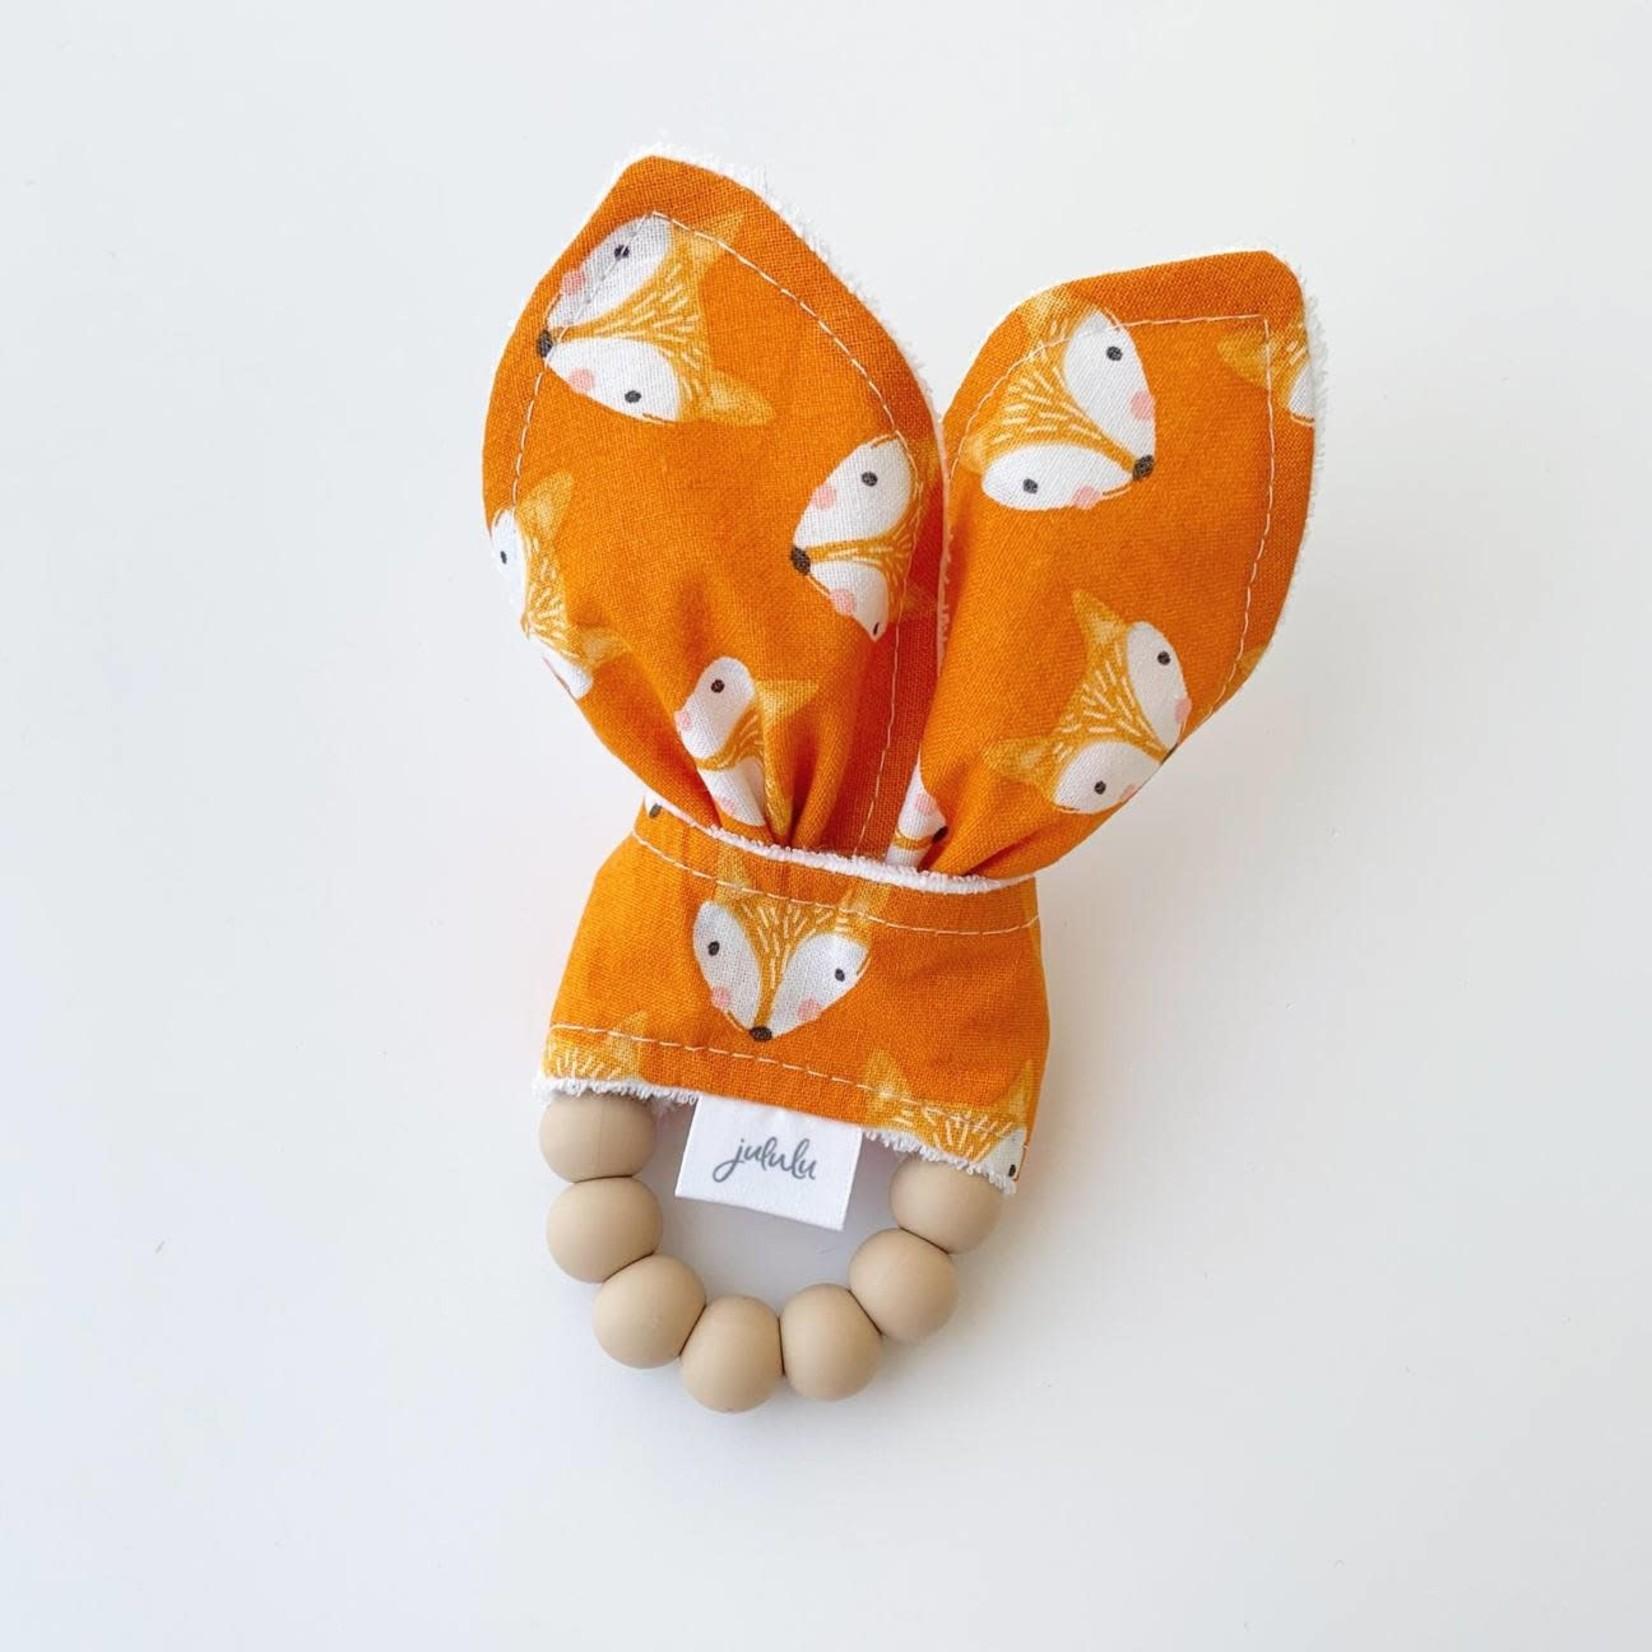 Jululu Rabbit Ears Rattle - Fox